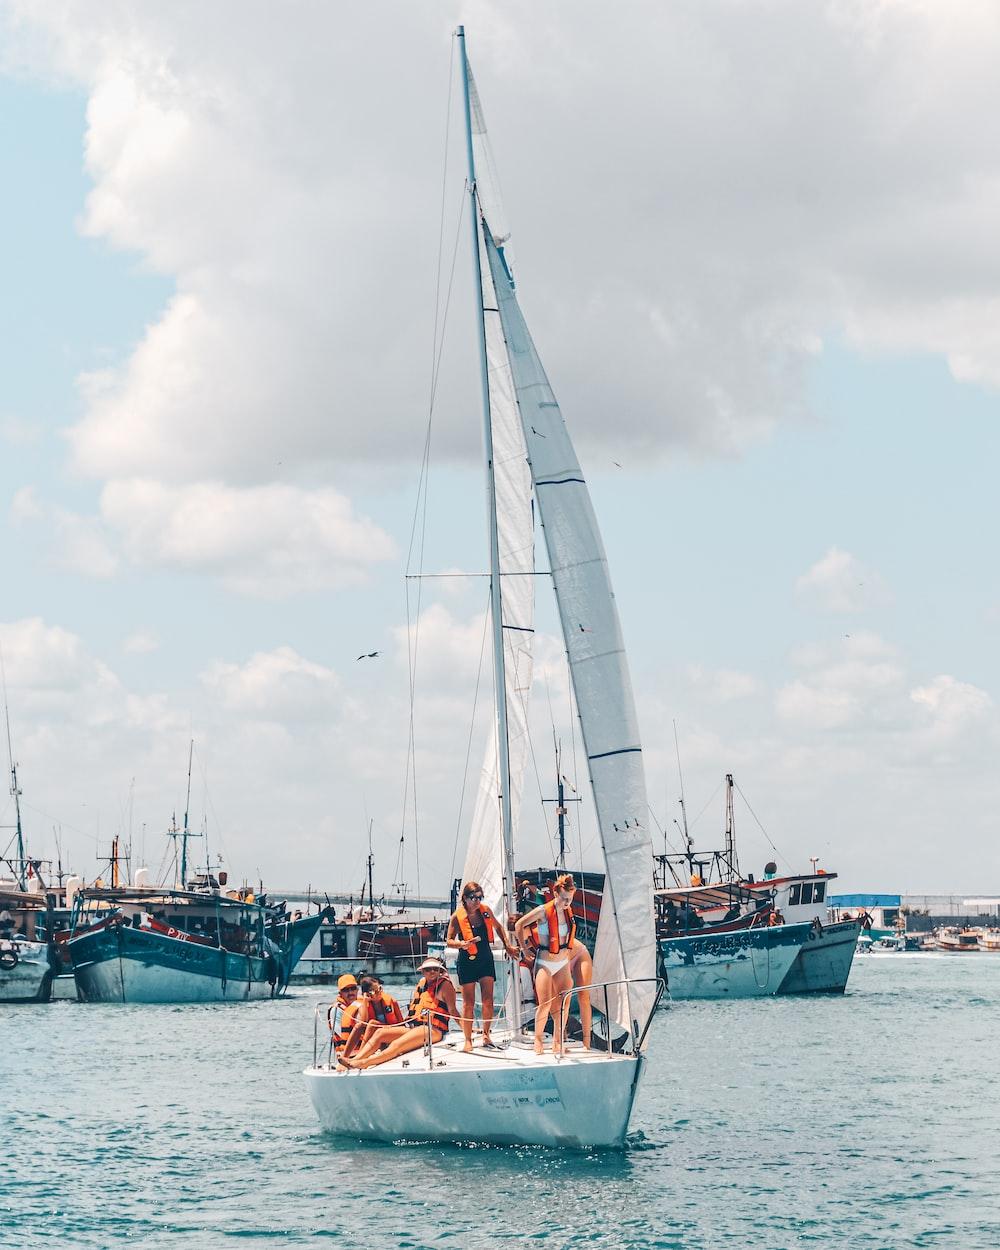 Persone su una barca a vela bianca vicino al porto